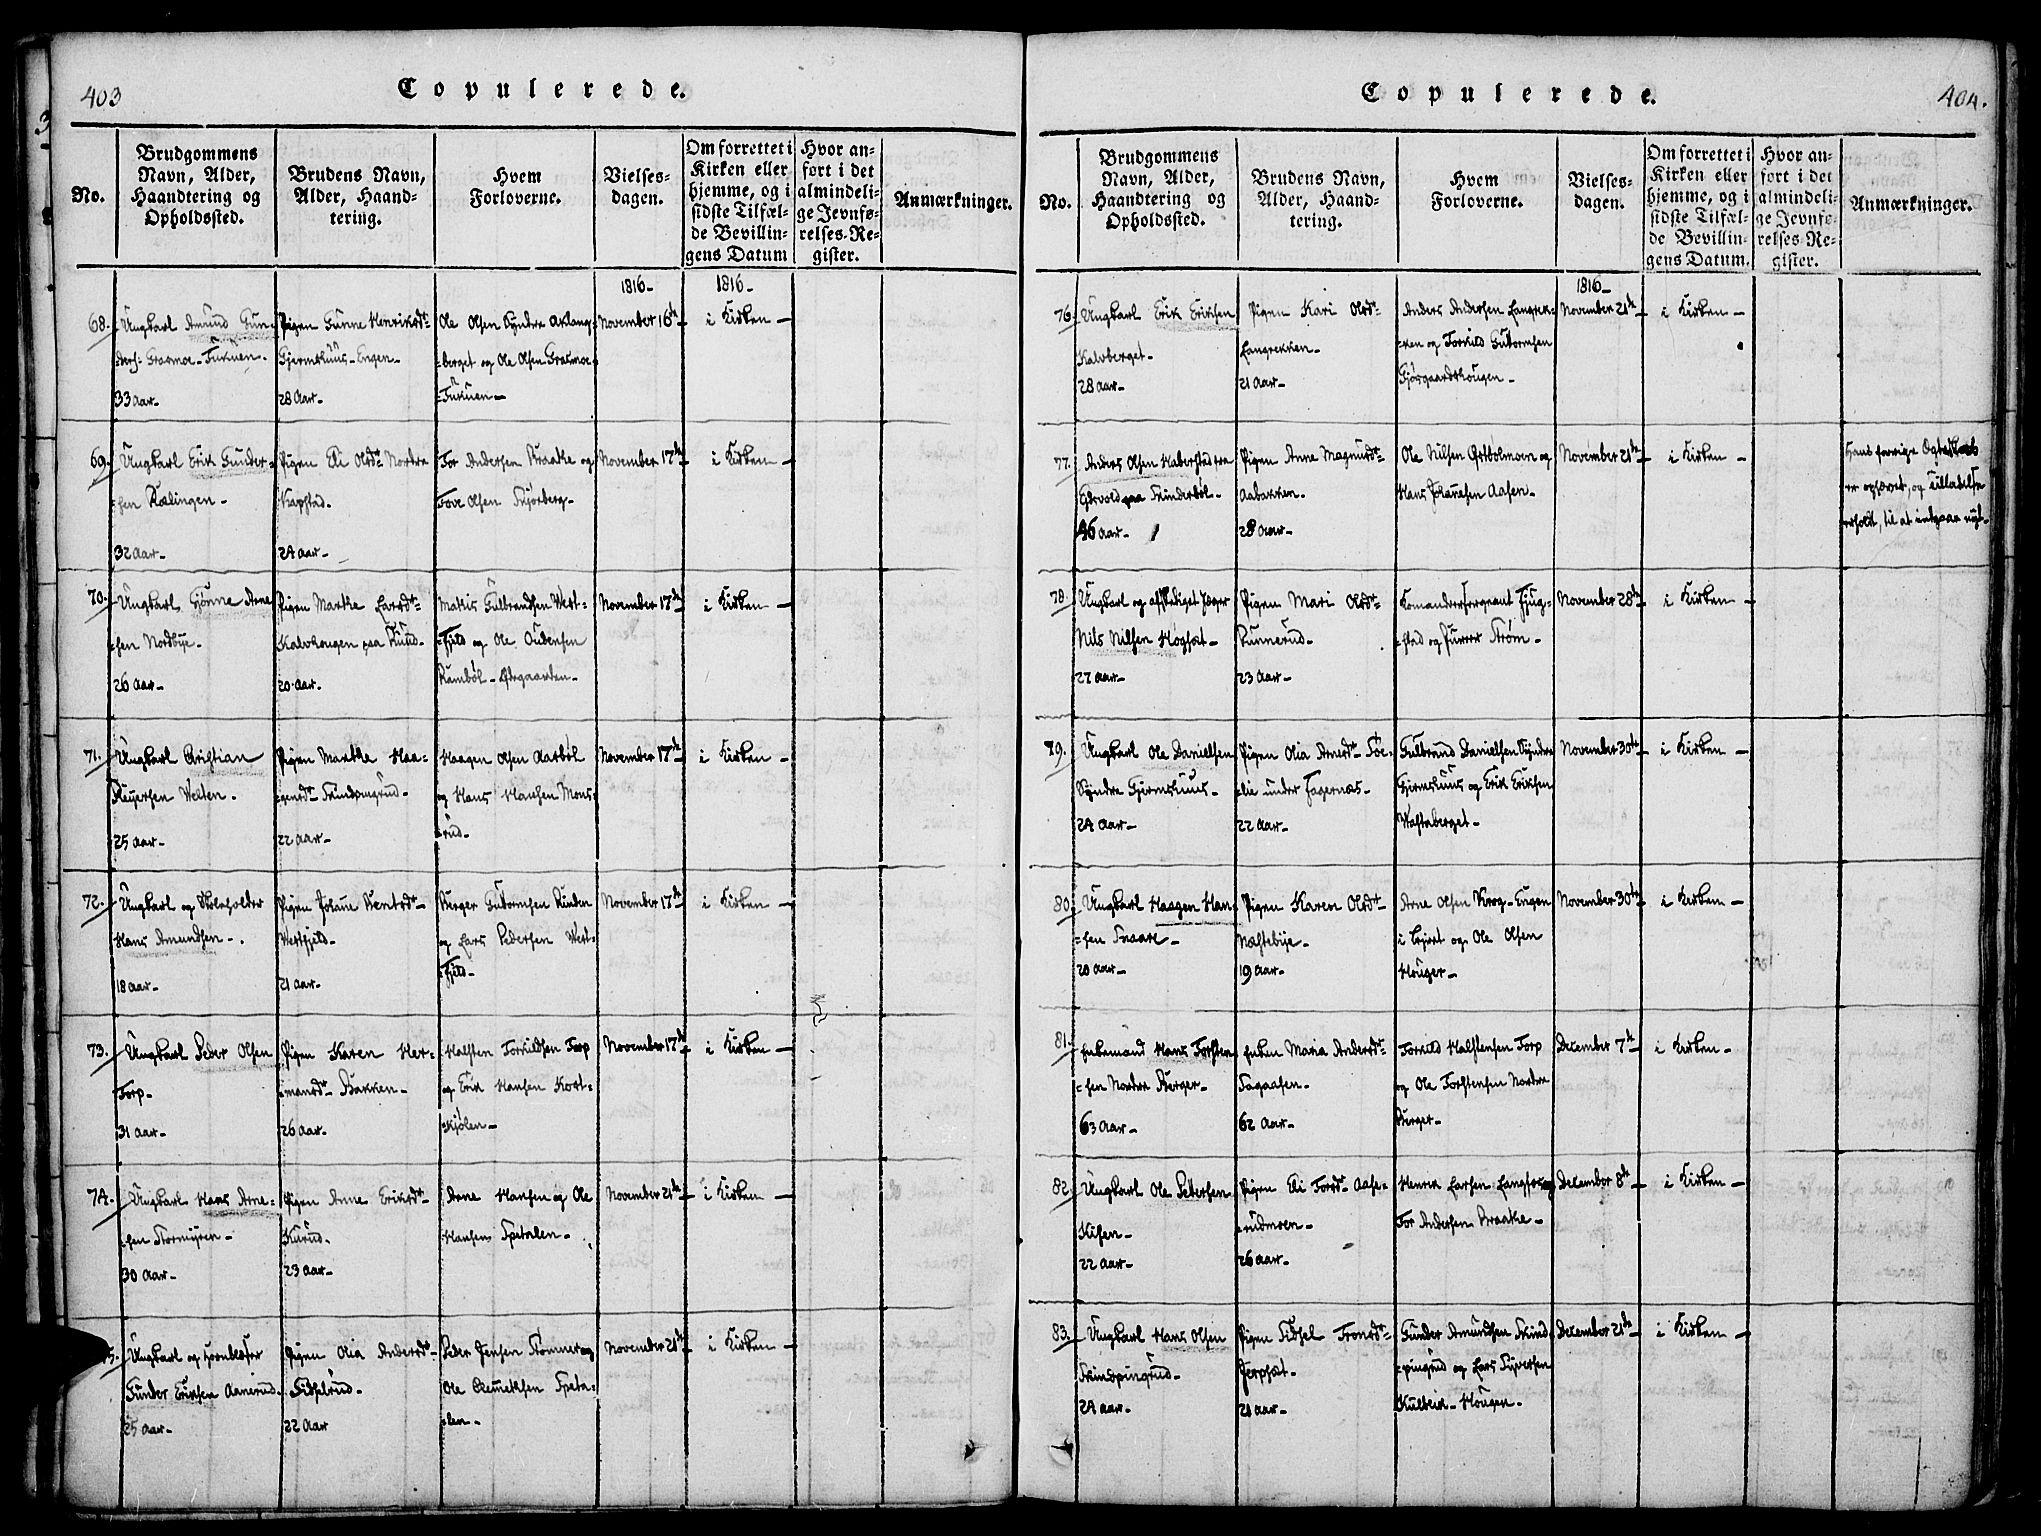 SAH, Vinger prestekontor, Ministerialbok nr. 6, 1814-1825, s. 403-404